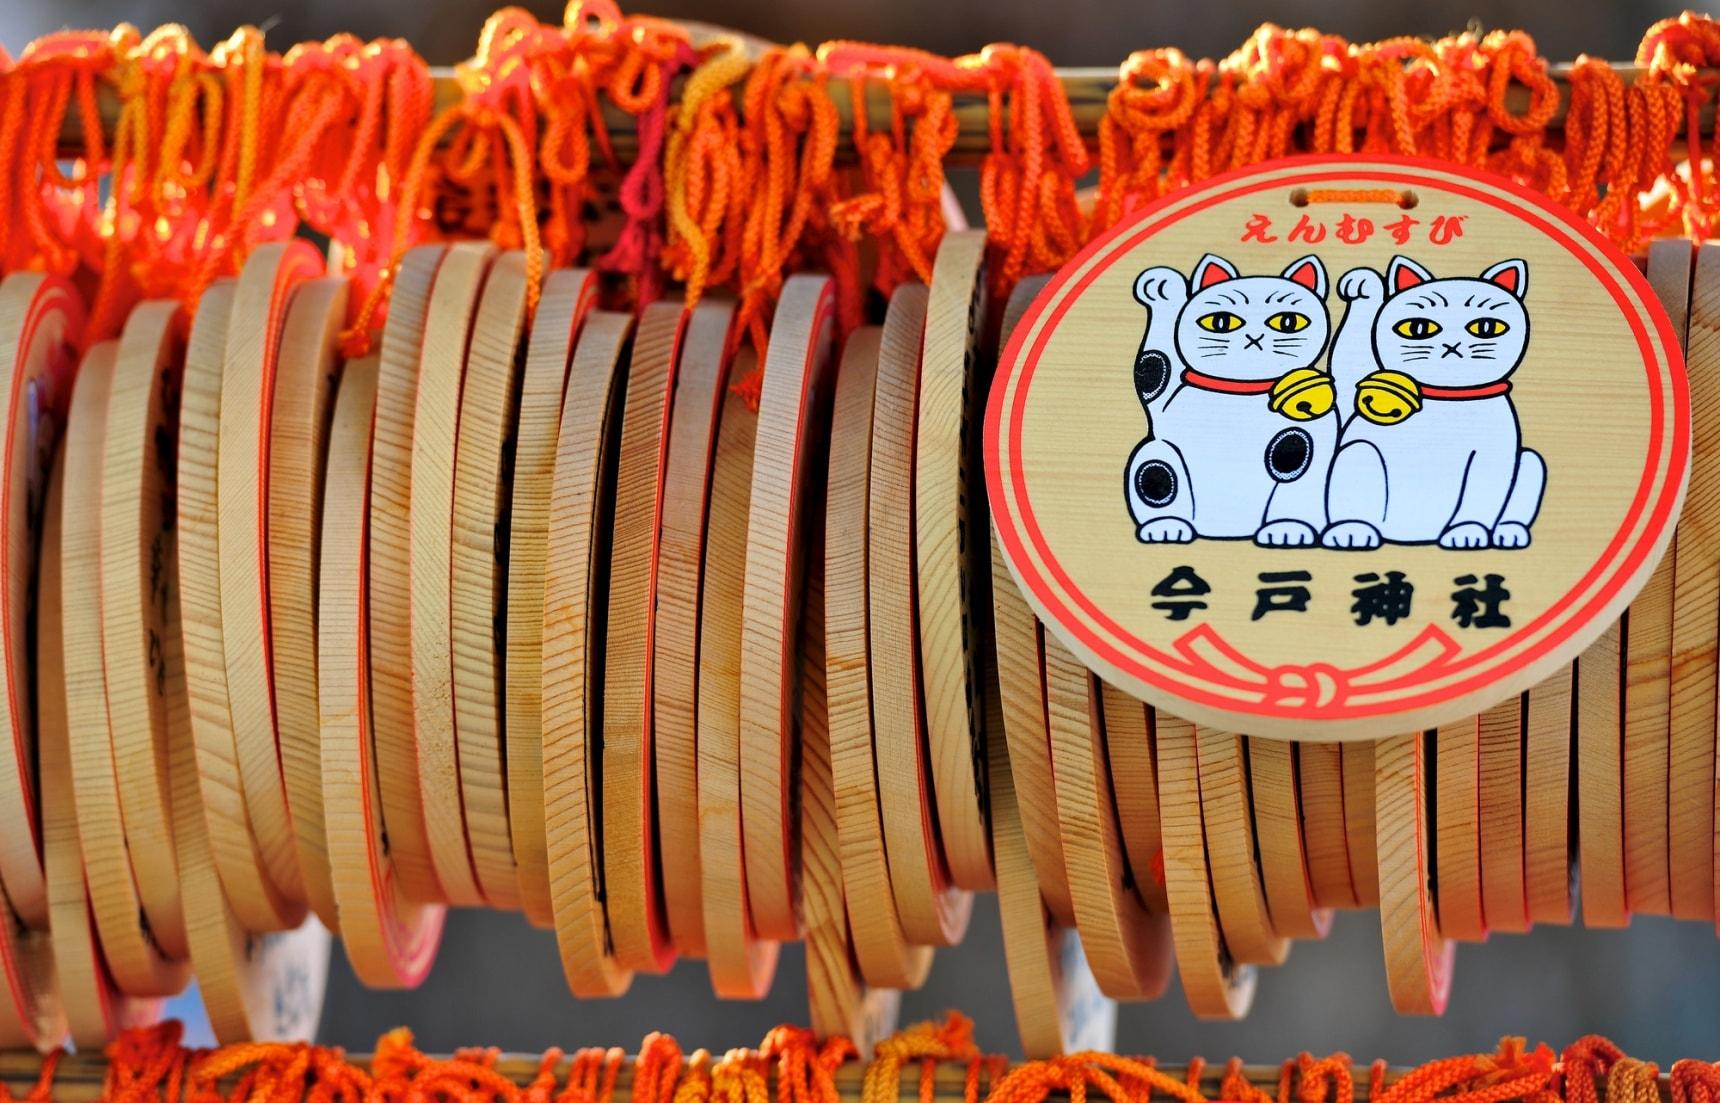 智游人|再也不做单身狗!来日本时必去的10大恋爱神社